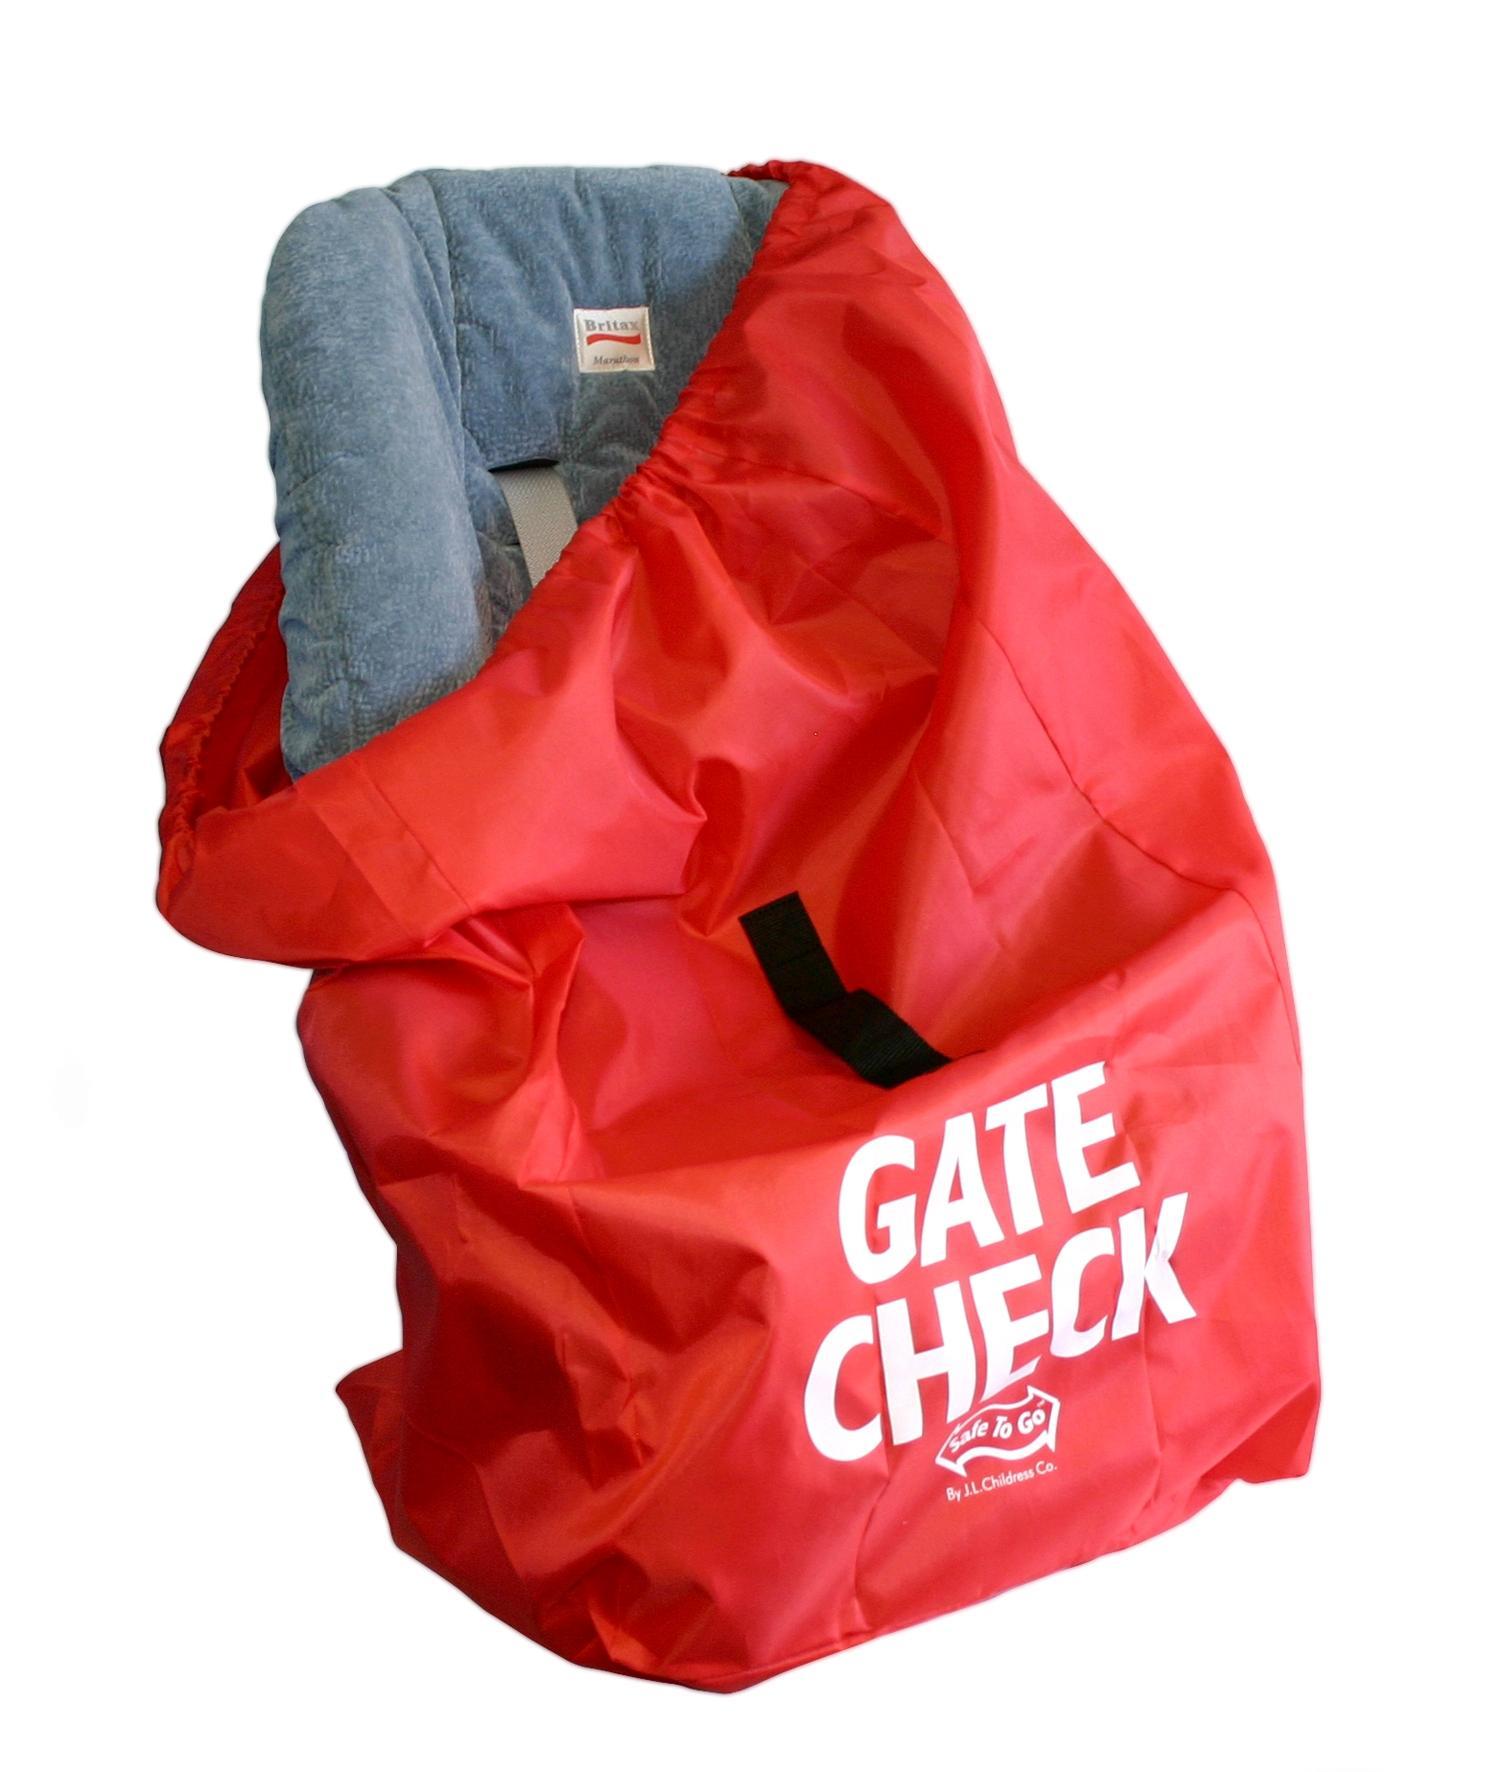 The ORIGINAL Gate Check Bag For Car Seats